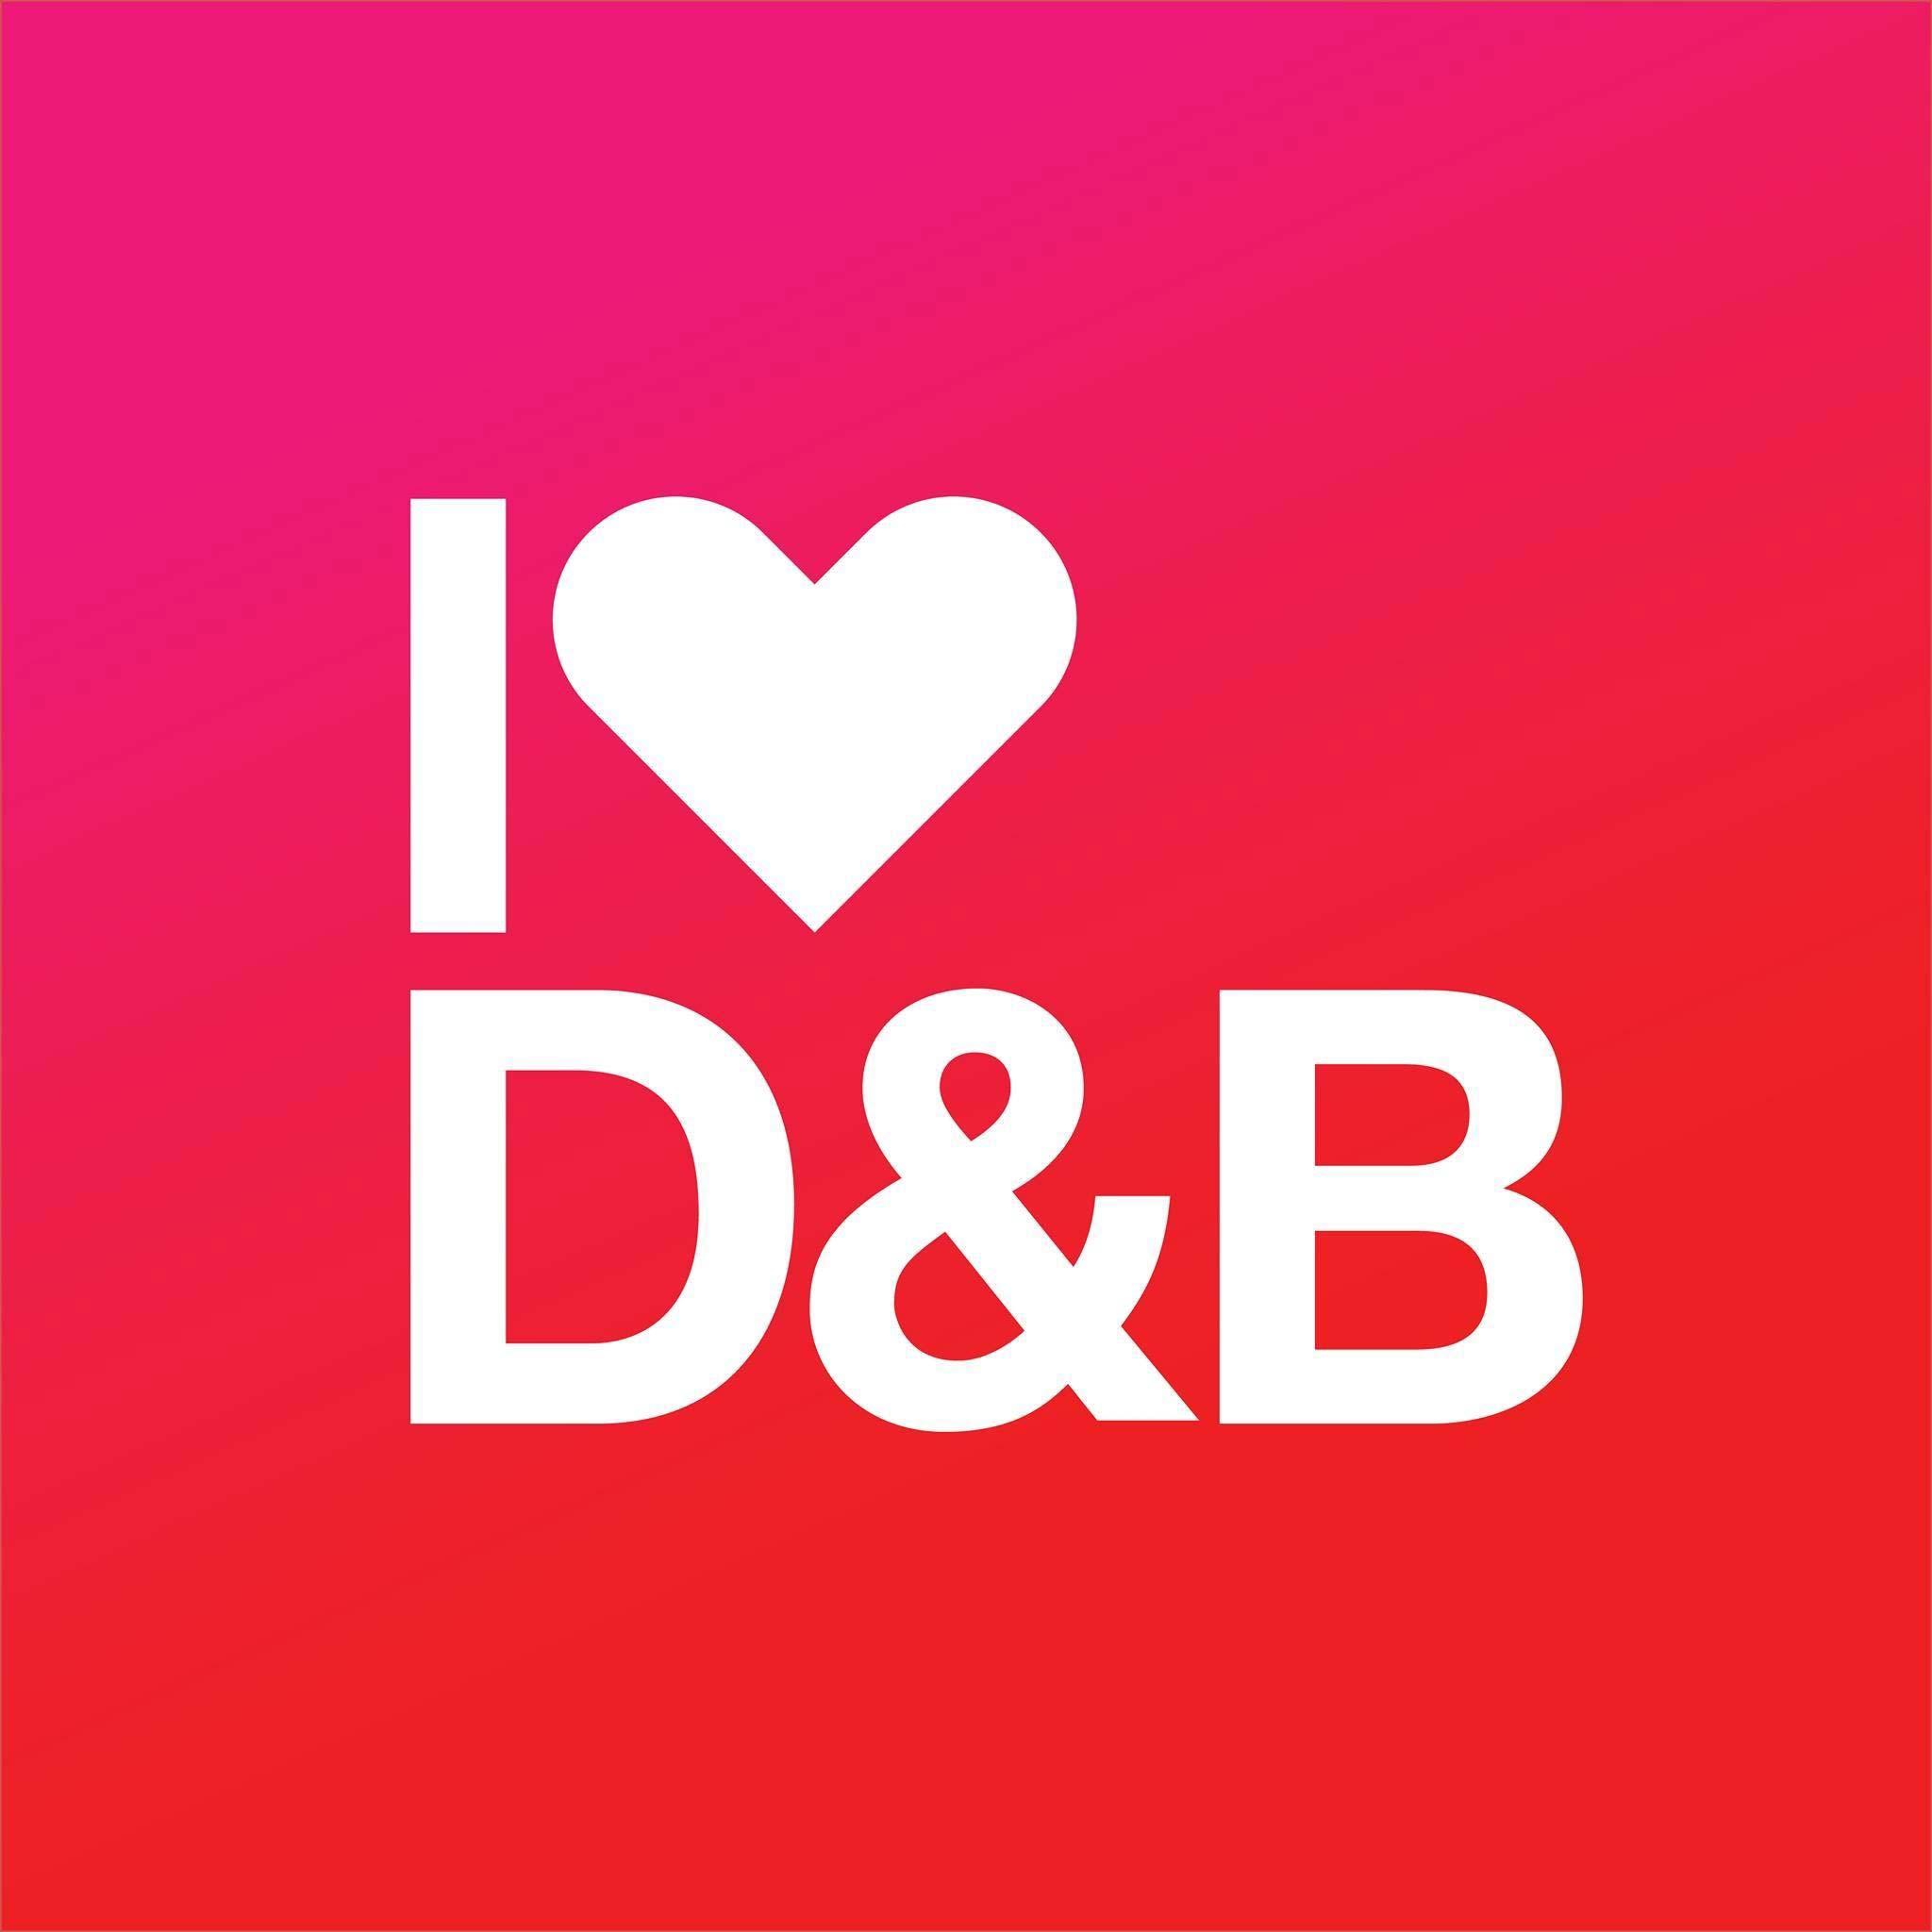 Alle lieben Drum&Bass — auch Spotify?